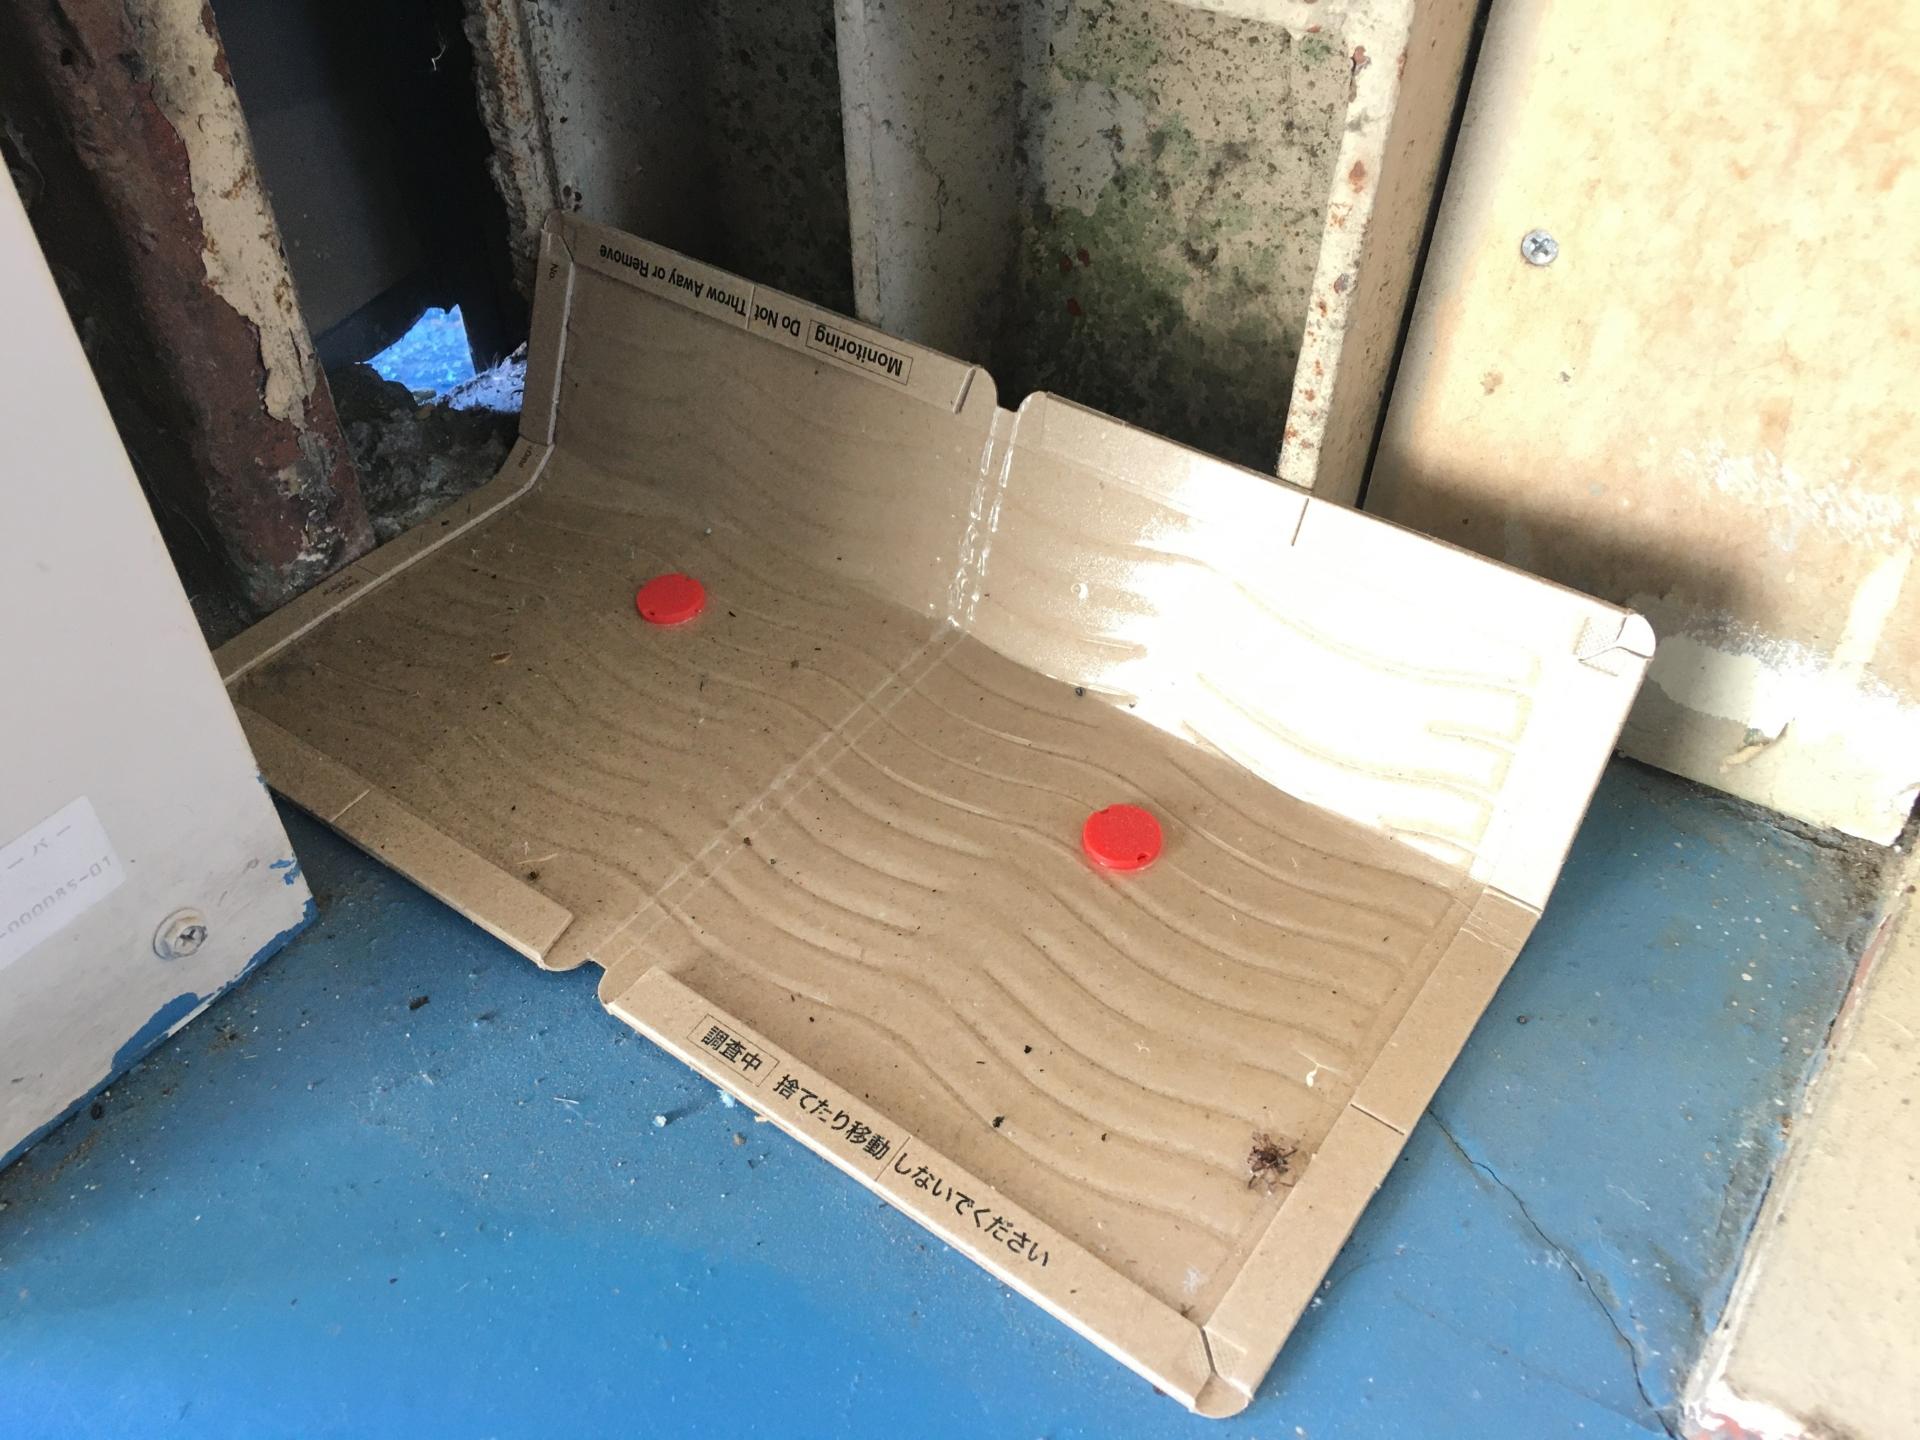 ネズミ駆除用「粘着シート式罠」の選び方